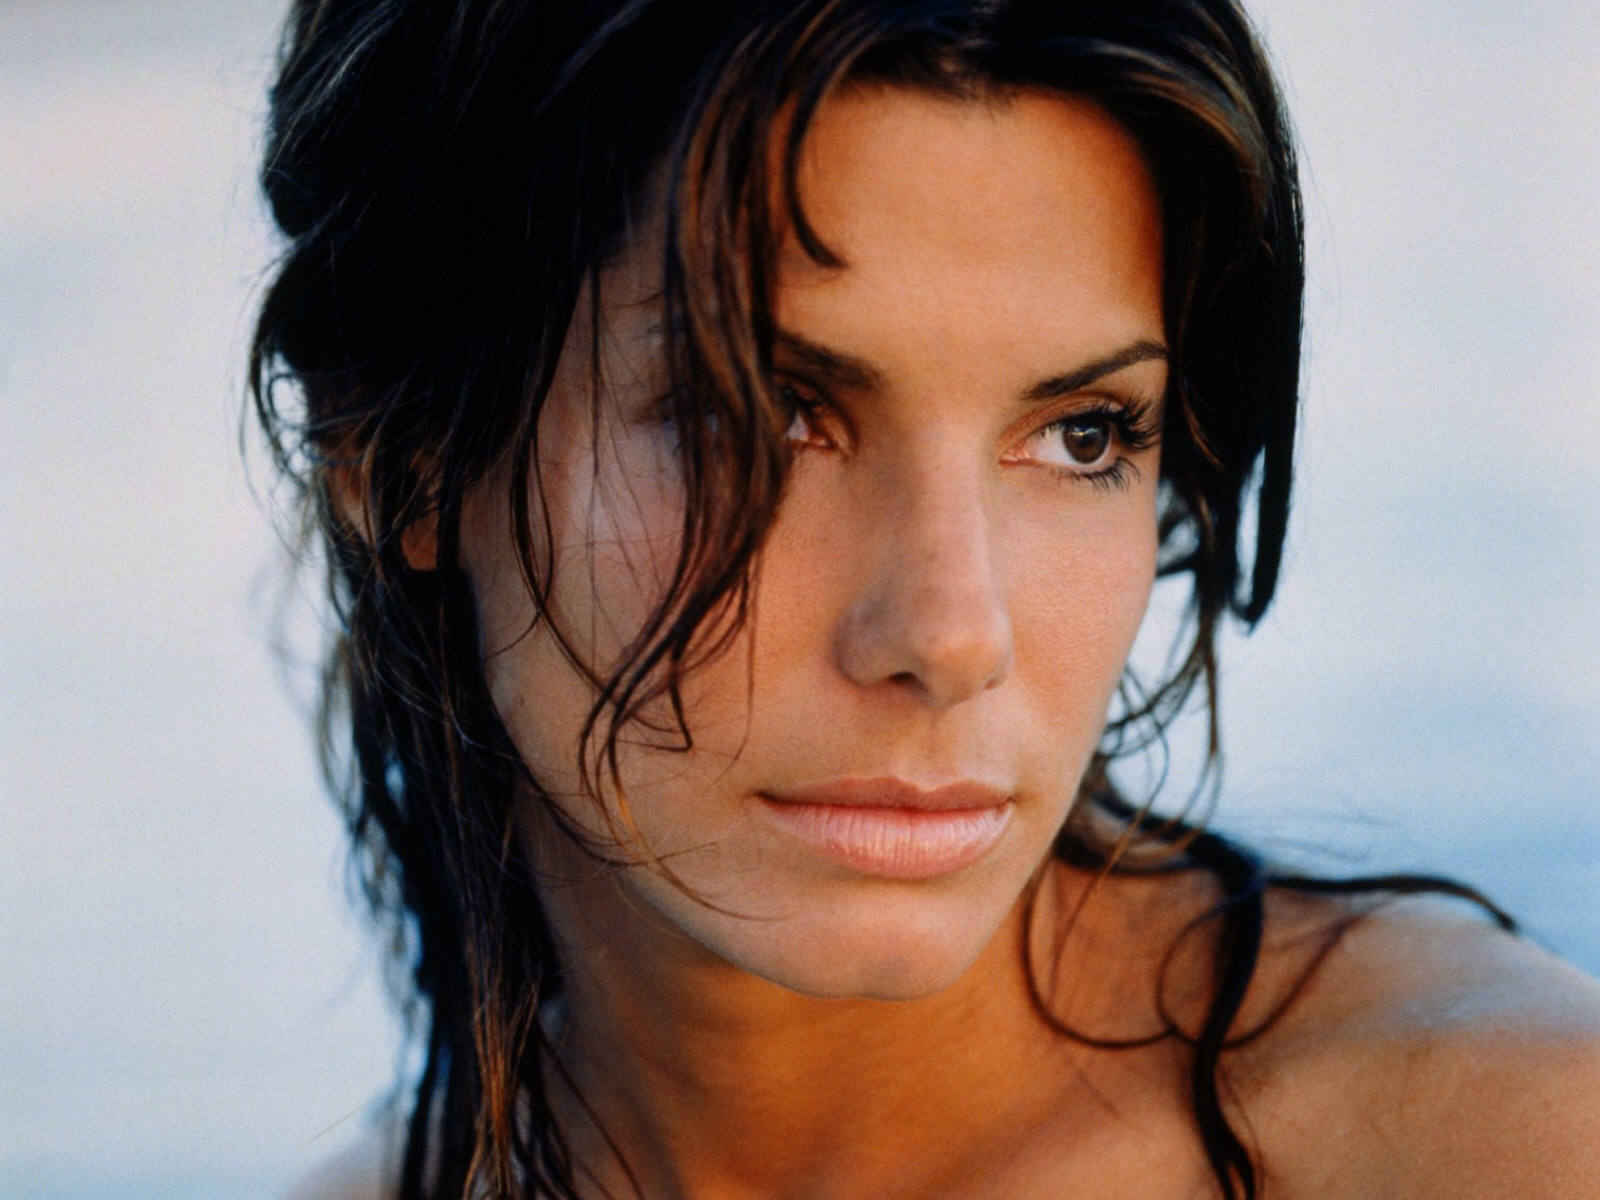 http://4.bp.blogspot.com/-MUsi_A4FqVU/To2Oe5QpHLI/AAAAAAAAALM/GClYF45dfy0/s1600/Sandra_Bullock_Wallpapers_photoshoot%2B%25287%2529.jpg